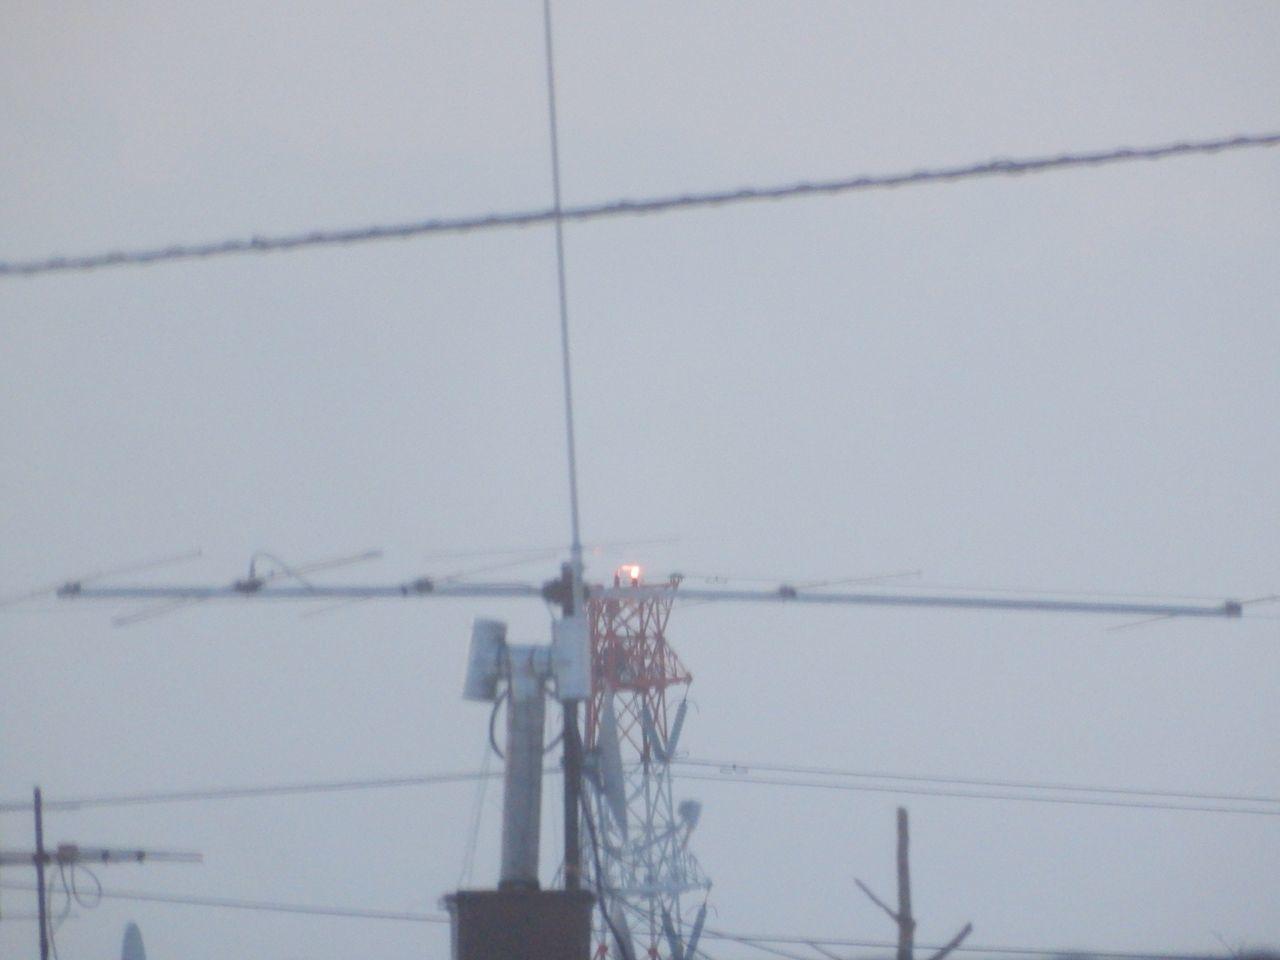 真冬日から一転、今年最高の暖かさ_c0025115_22032318.jpg